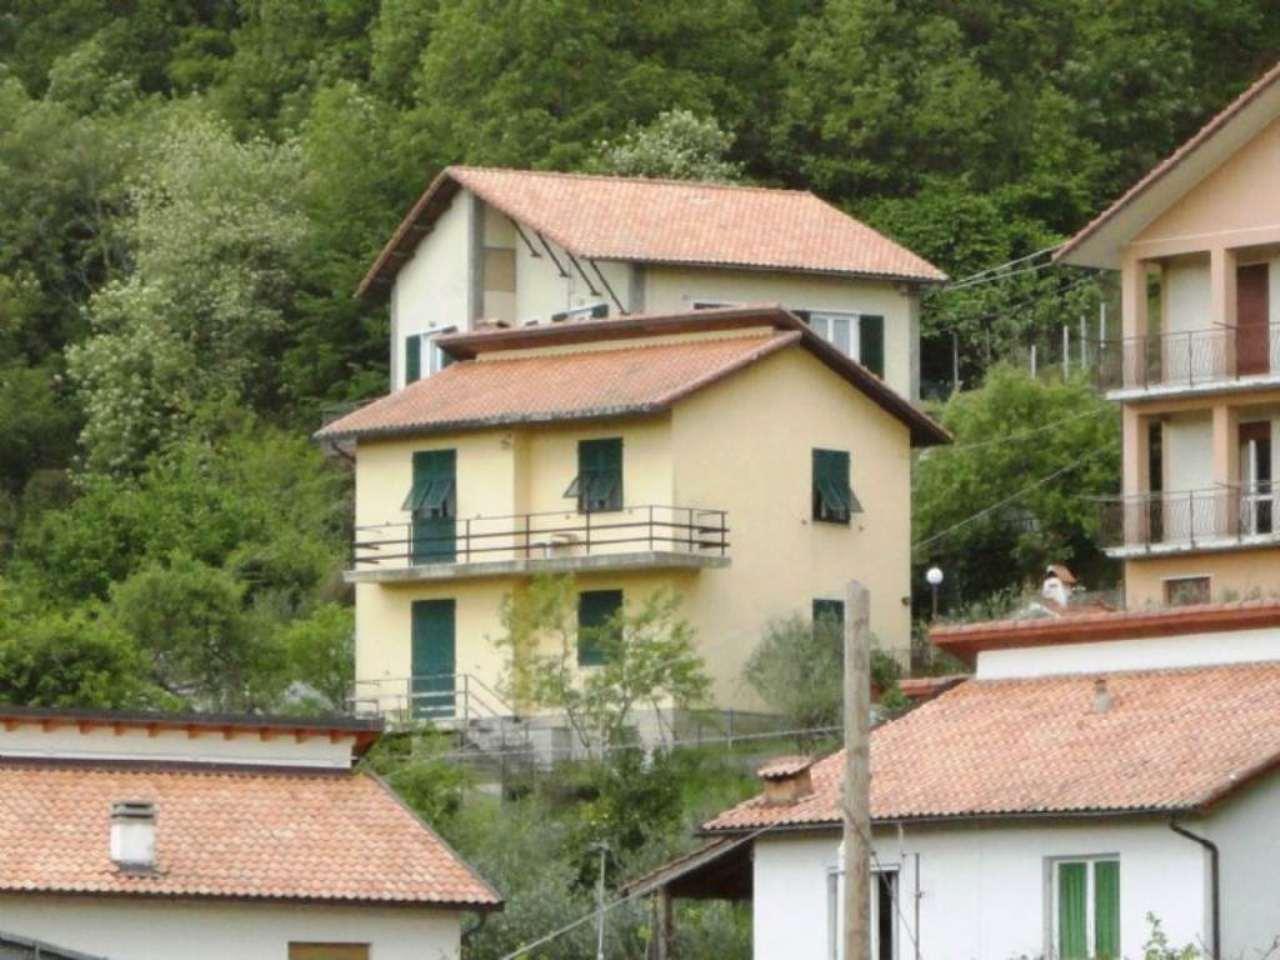 Appartamento in vendita a Lumarzo, 4 locali, prezzo € 68.000 | CambioCasa.it